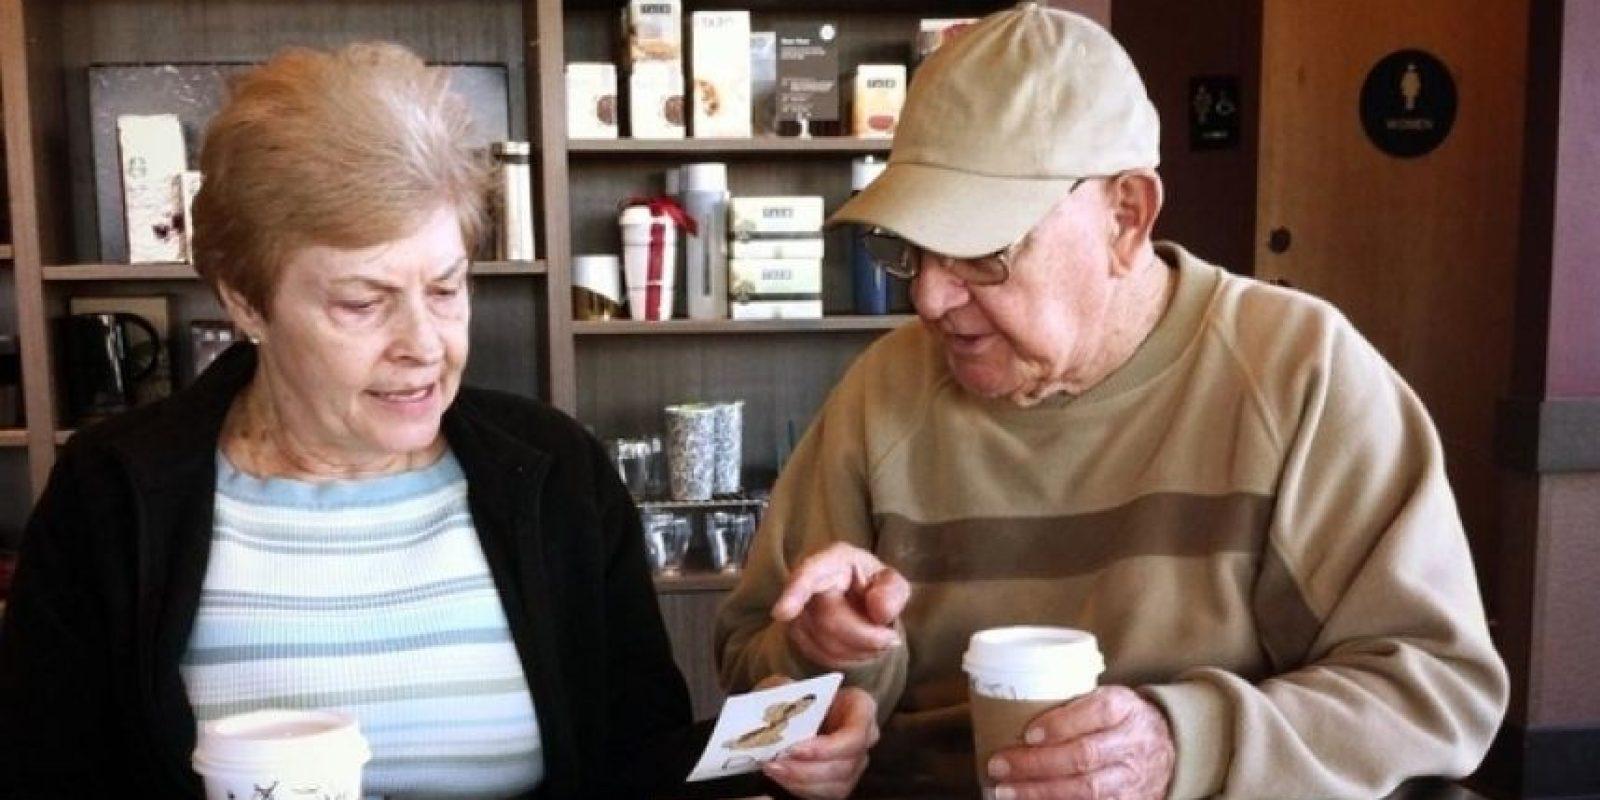 Este hombre enseñándole a su esposa el alfabeto luego de que perdiera la memoria. Foto: r2.reddit.com